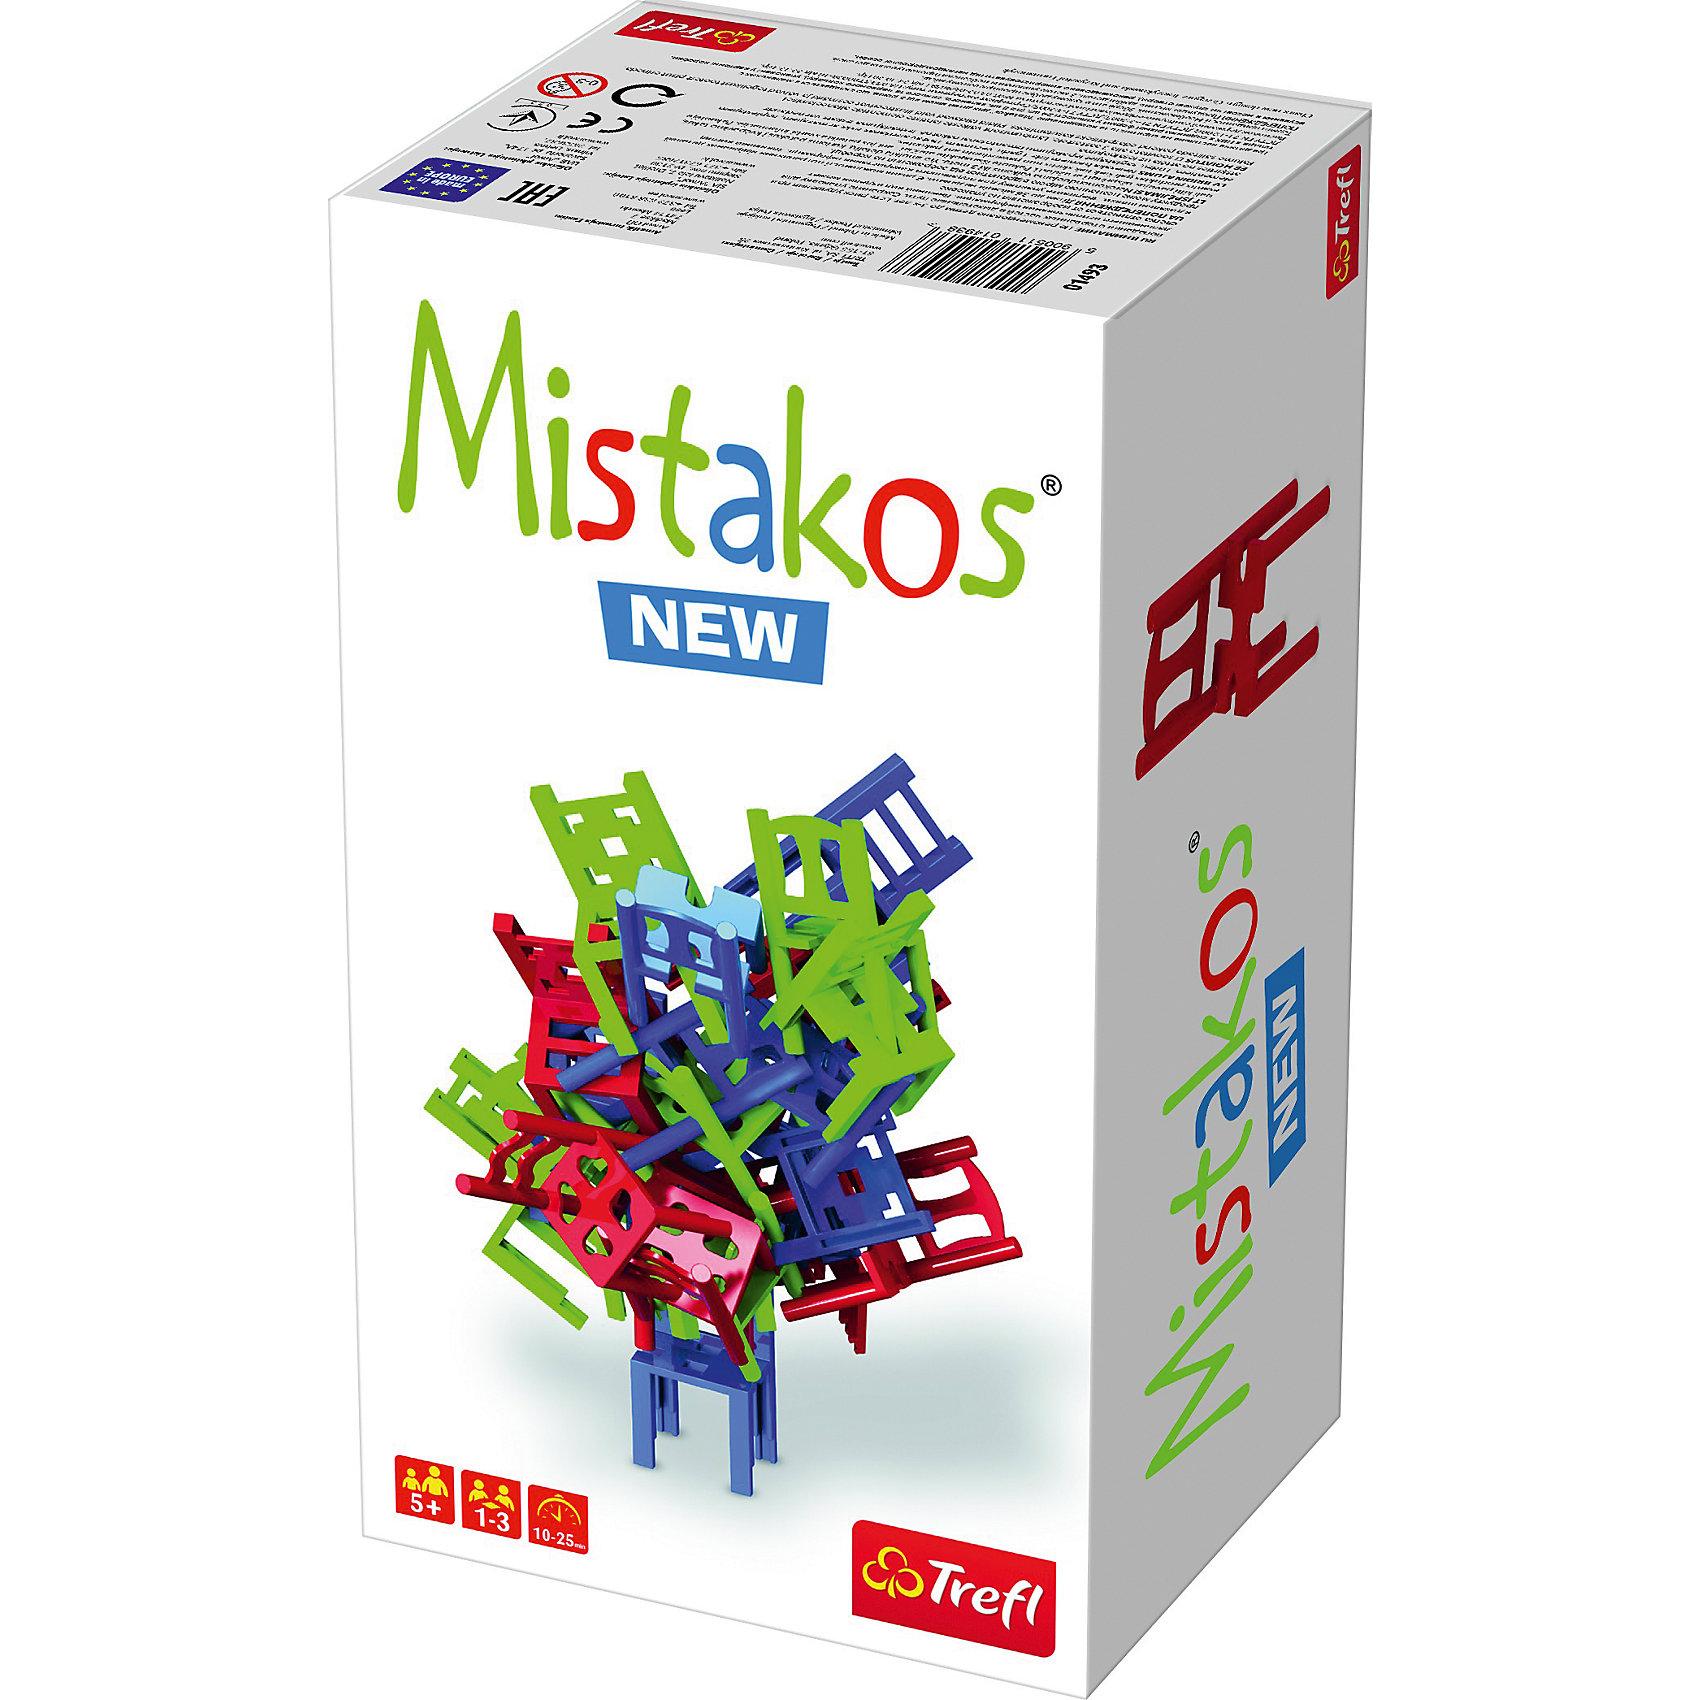 Настольная игра Mistakos New, TreflНастольные игры для всей семьи<br>Настольная игра Trefl Mistakos 01493 – необычная развивающая игра для детей от 5 лет. Она поможет малышам развивать логическое мышление  и стратегические способности. В нее так весело играть вместе со своими маленькими друзьями или родственниками. Игра Мистакос от польской компании Трефл подарит много положительных эмоций не только детям, но и их родителям. @#<br>В комплект входит инструкция к игре и 24 игрушечных стула разных цветов: 8 красных, 8 синих, 8 салатовых. Игроки по очереди ставят стулья друг на друга, сооружая при этом башенку. Побеждает тот игрок, который полностью избавится от своей мебели, не разрушив при этом башенку. @#<br>Количество участников: от 1 до 3. @#<br>Средняя продолжительность партии: 10-25 минут.<br><br>Ширина мм: 260<br>Глубина мм: 140<br>Высота мм: 100<br>Вес г: 400<br>Возраст от месяцев: 72<br>Возраст до месяцев: 2147483647<br>Пол: Унисекс<br>Возраст: Детский<br>SKU: 7100036